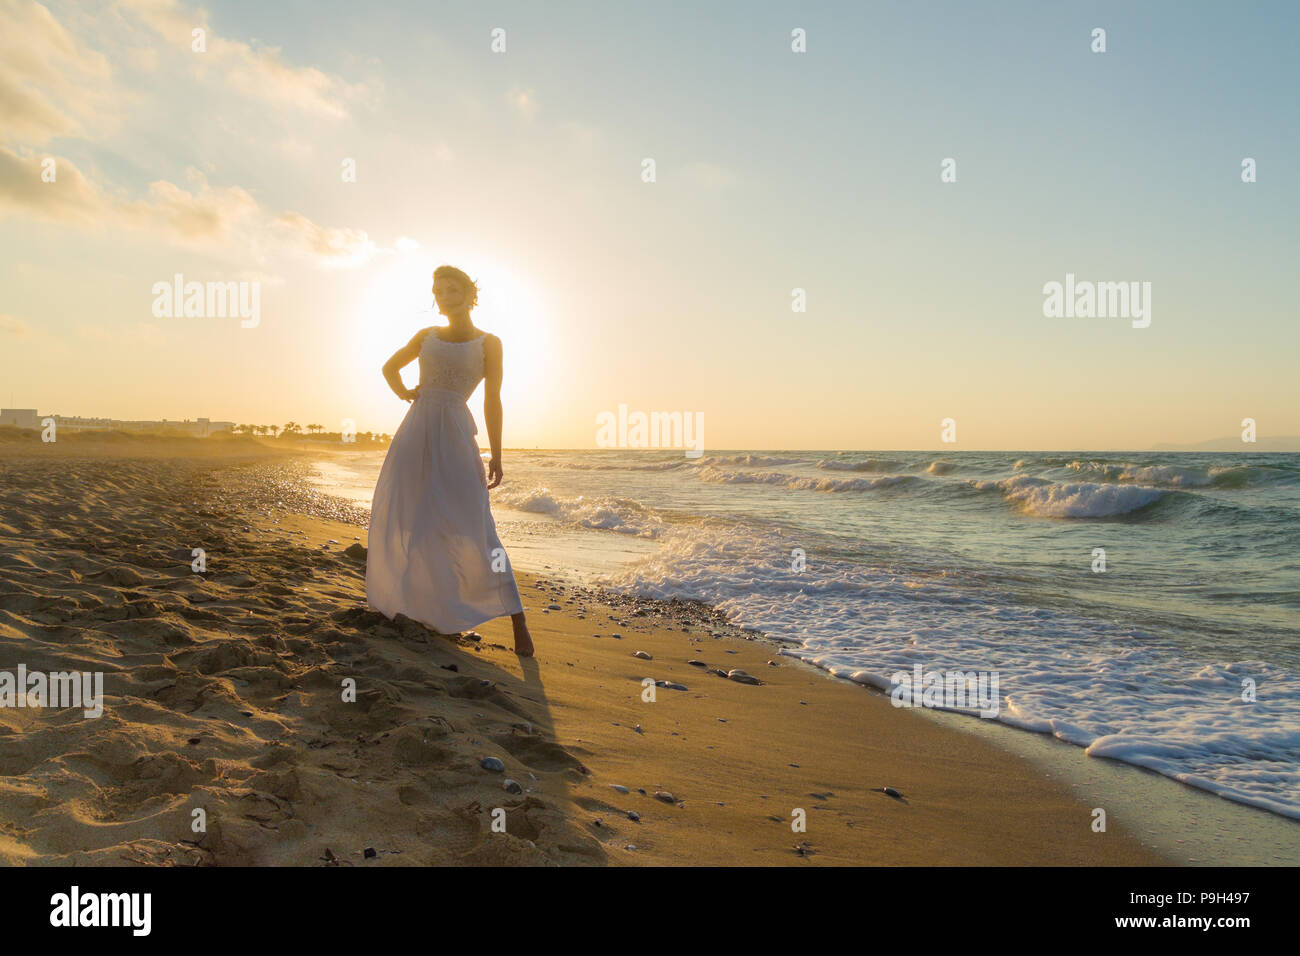 Frau in weißem Kleid, barfuss, Gefühl glücklich, lebendig und frei in der Natur meditieren am sandigen Misty Beach atmen saubere frische Meeresluft in der Abenddämmerung. Sommer Urlaub lifestyle Konzept Stockbild